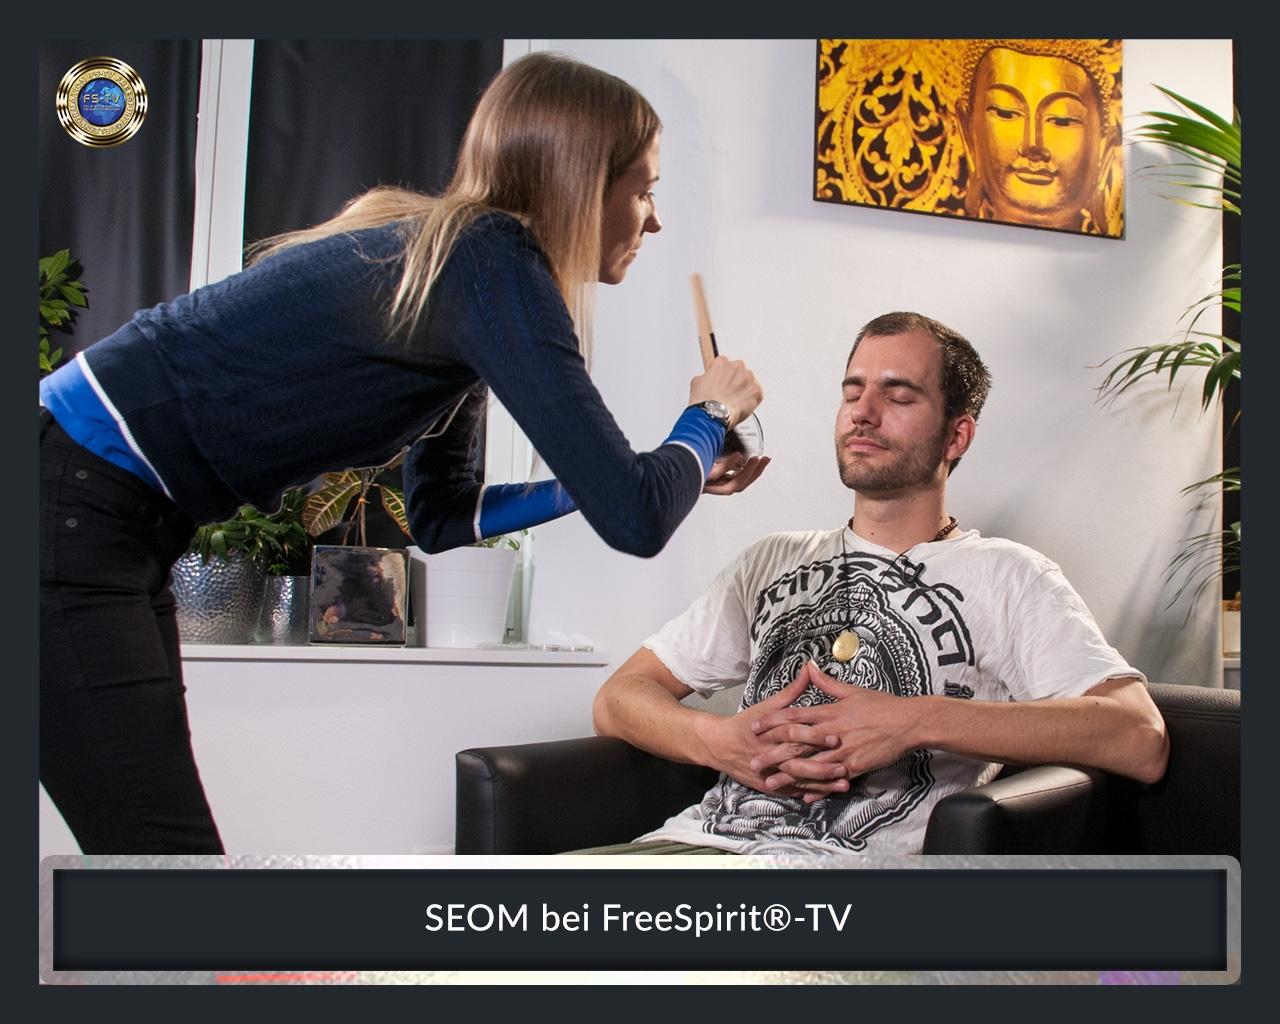 FS-TV-Bildergallerie-SEOM3